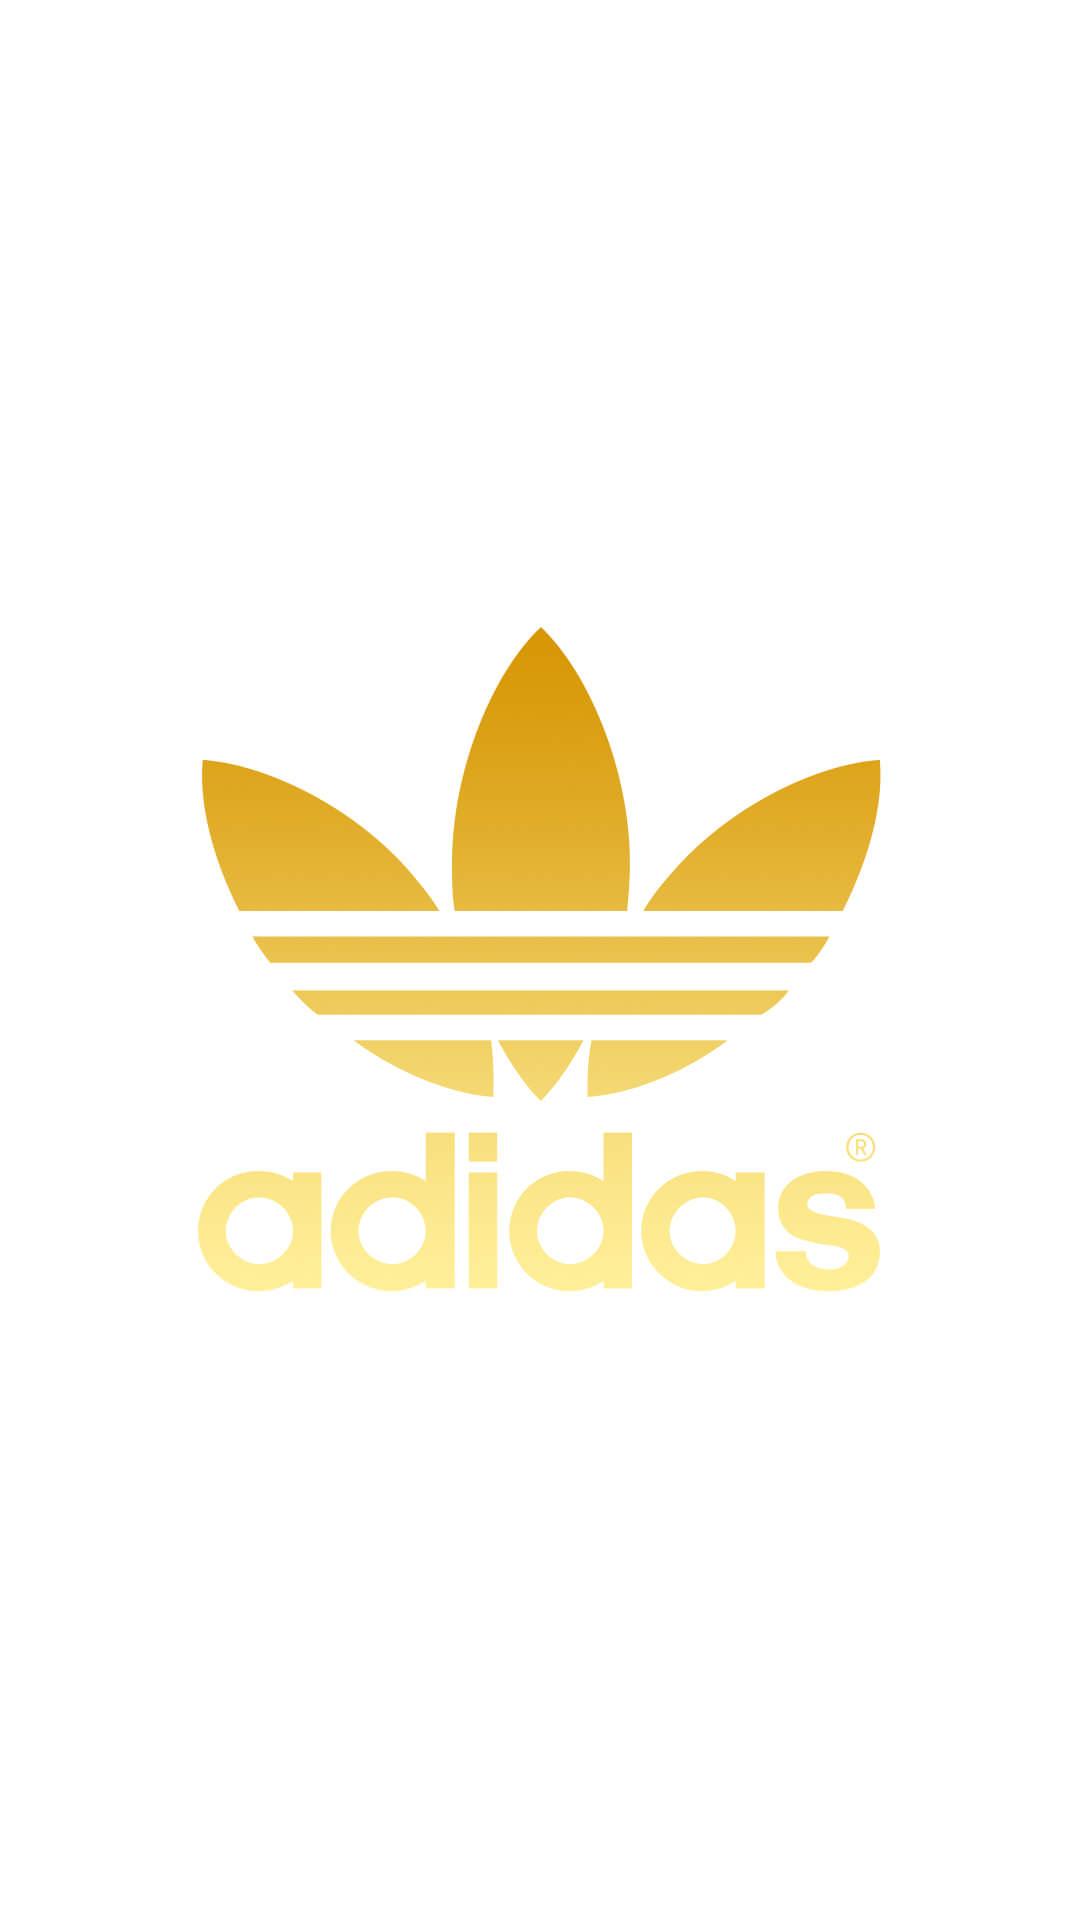 Wallpaper Para Iphone ゴールド アディダスロゴ Adidas Logo Iphone壁紙 ただひたすらiphoneの壁紙が集まるサイト